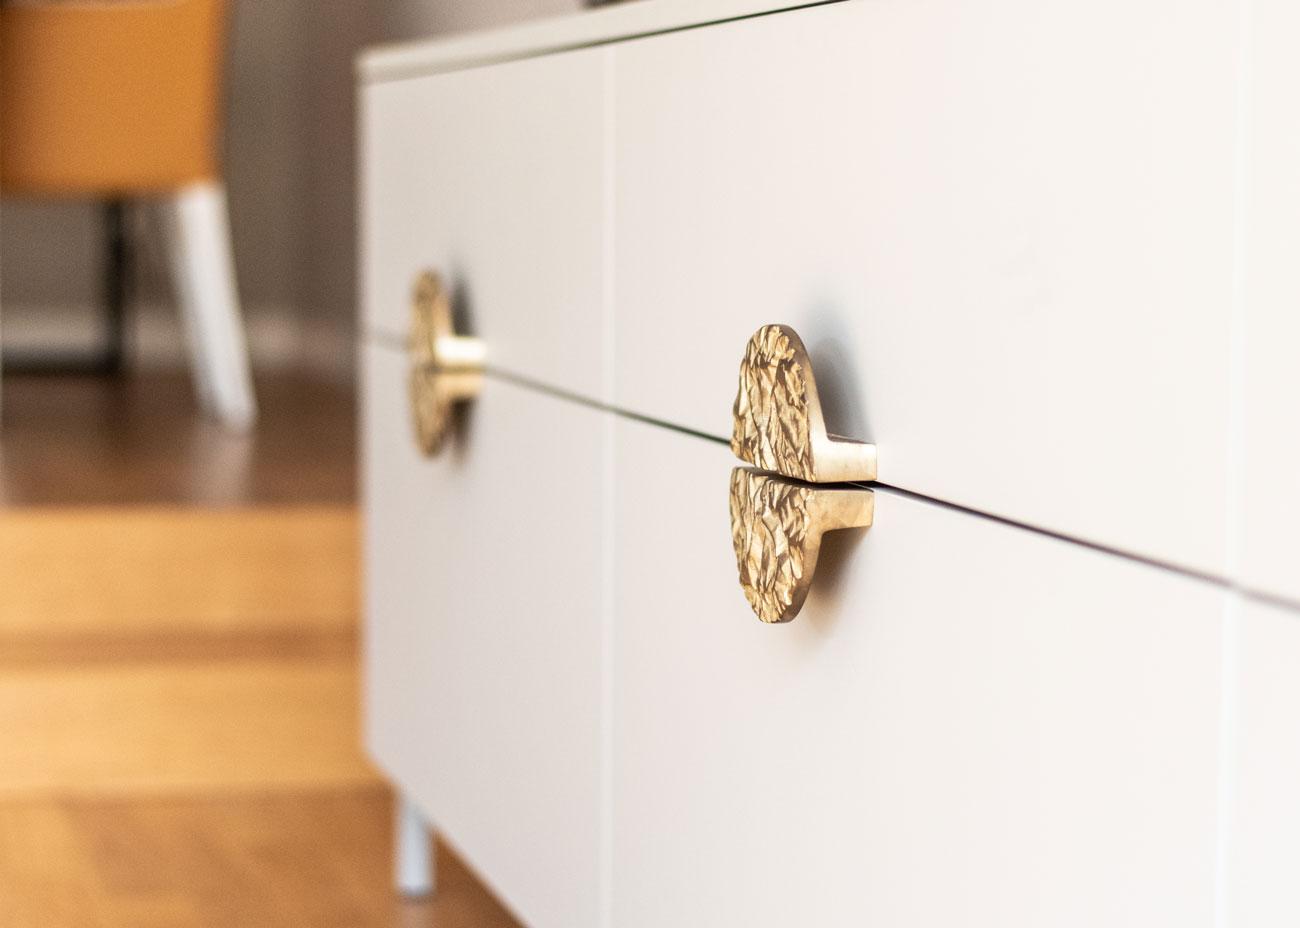 haus renovieren ideen wohnzimmer kommode grau griffe messing